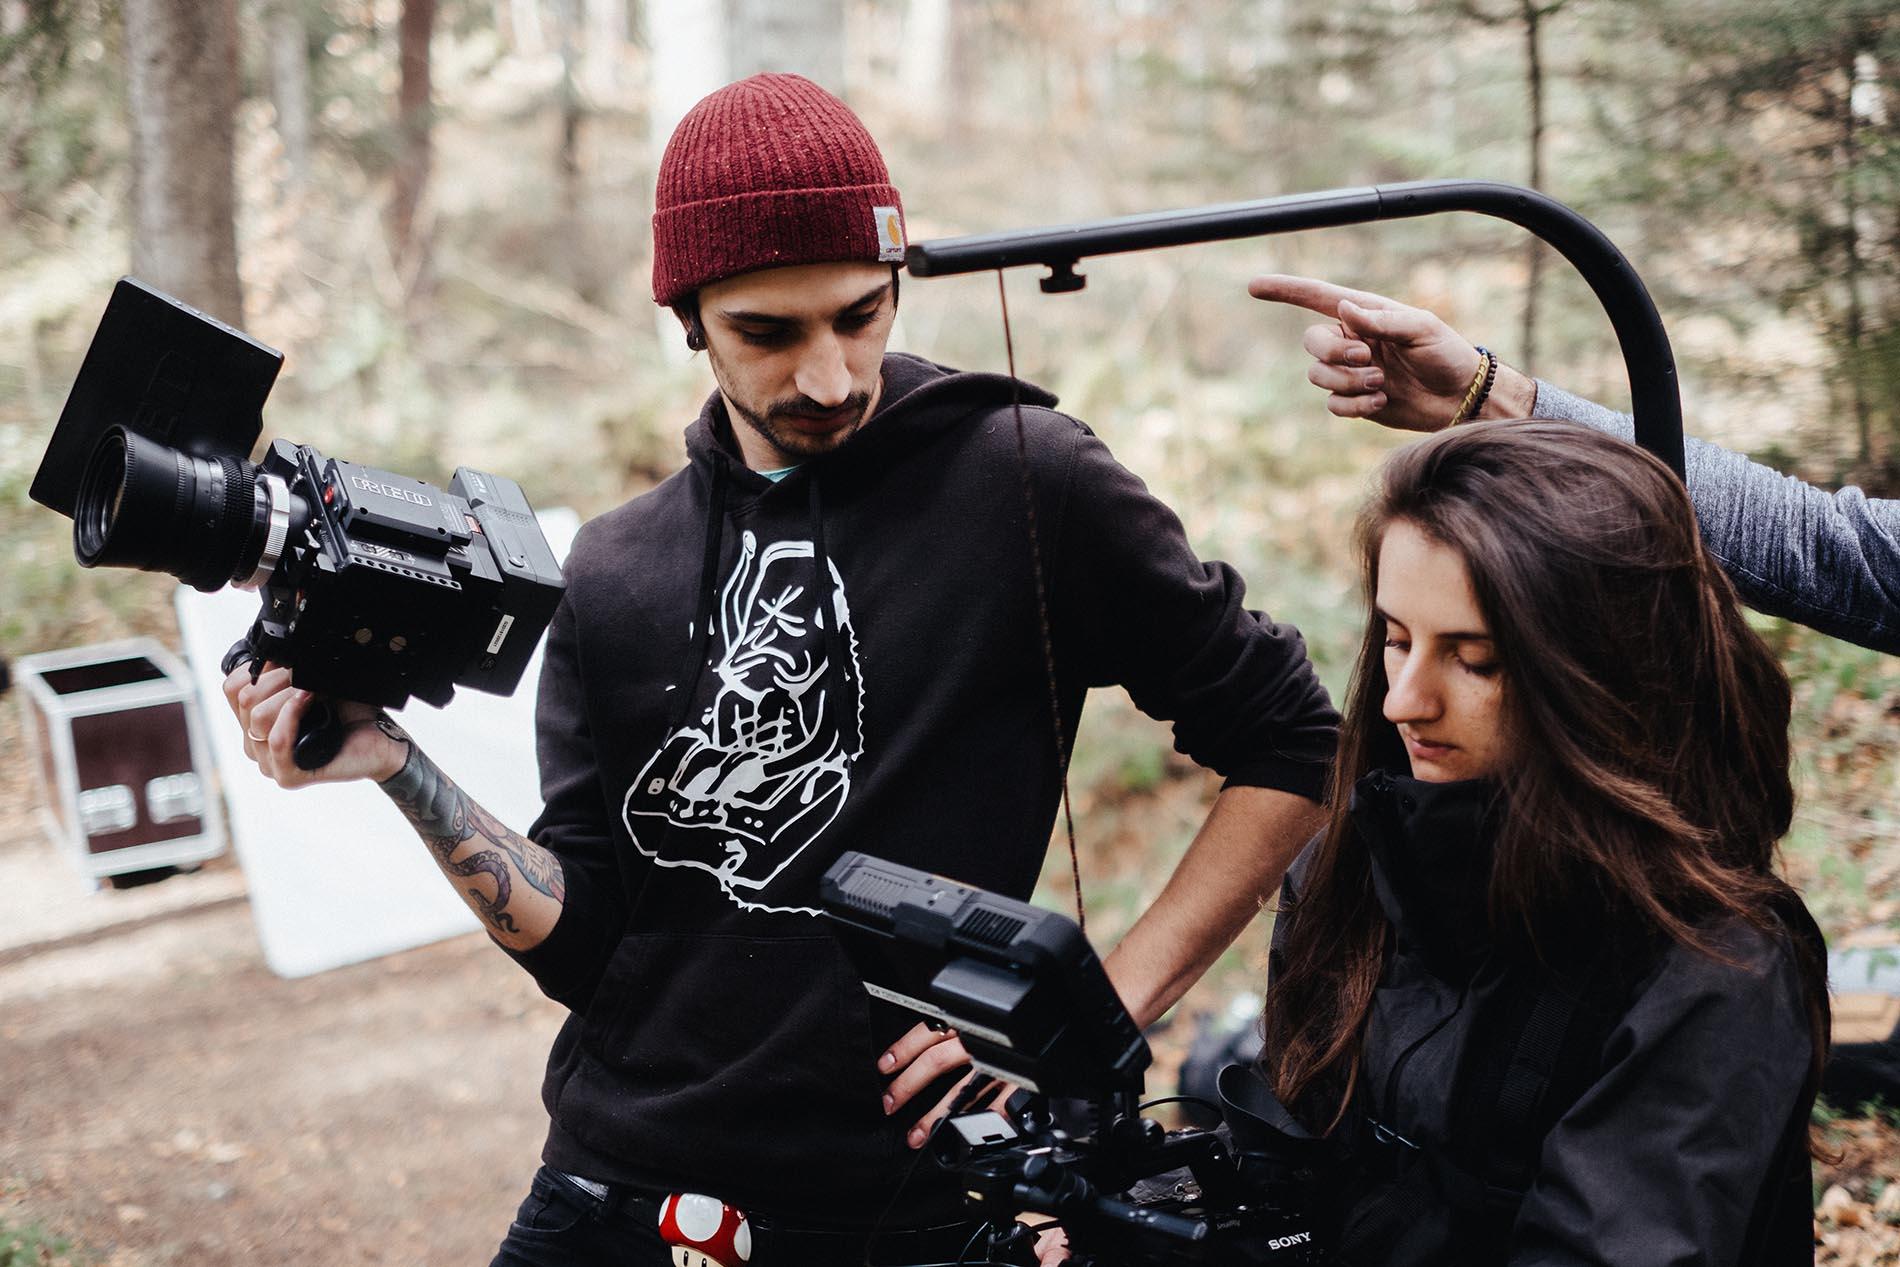 Les formations : métiers de l'audiovisuel et du cinéma